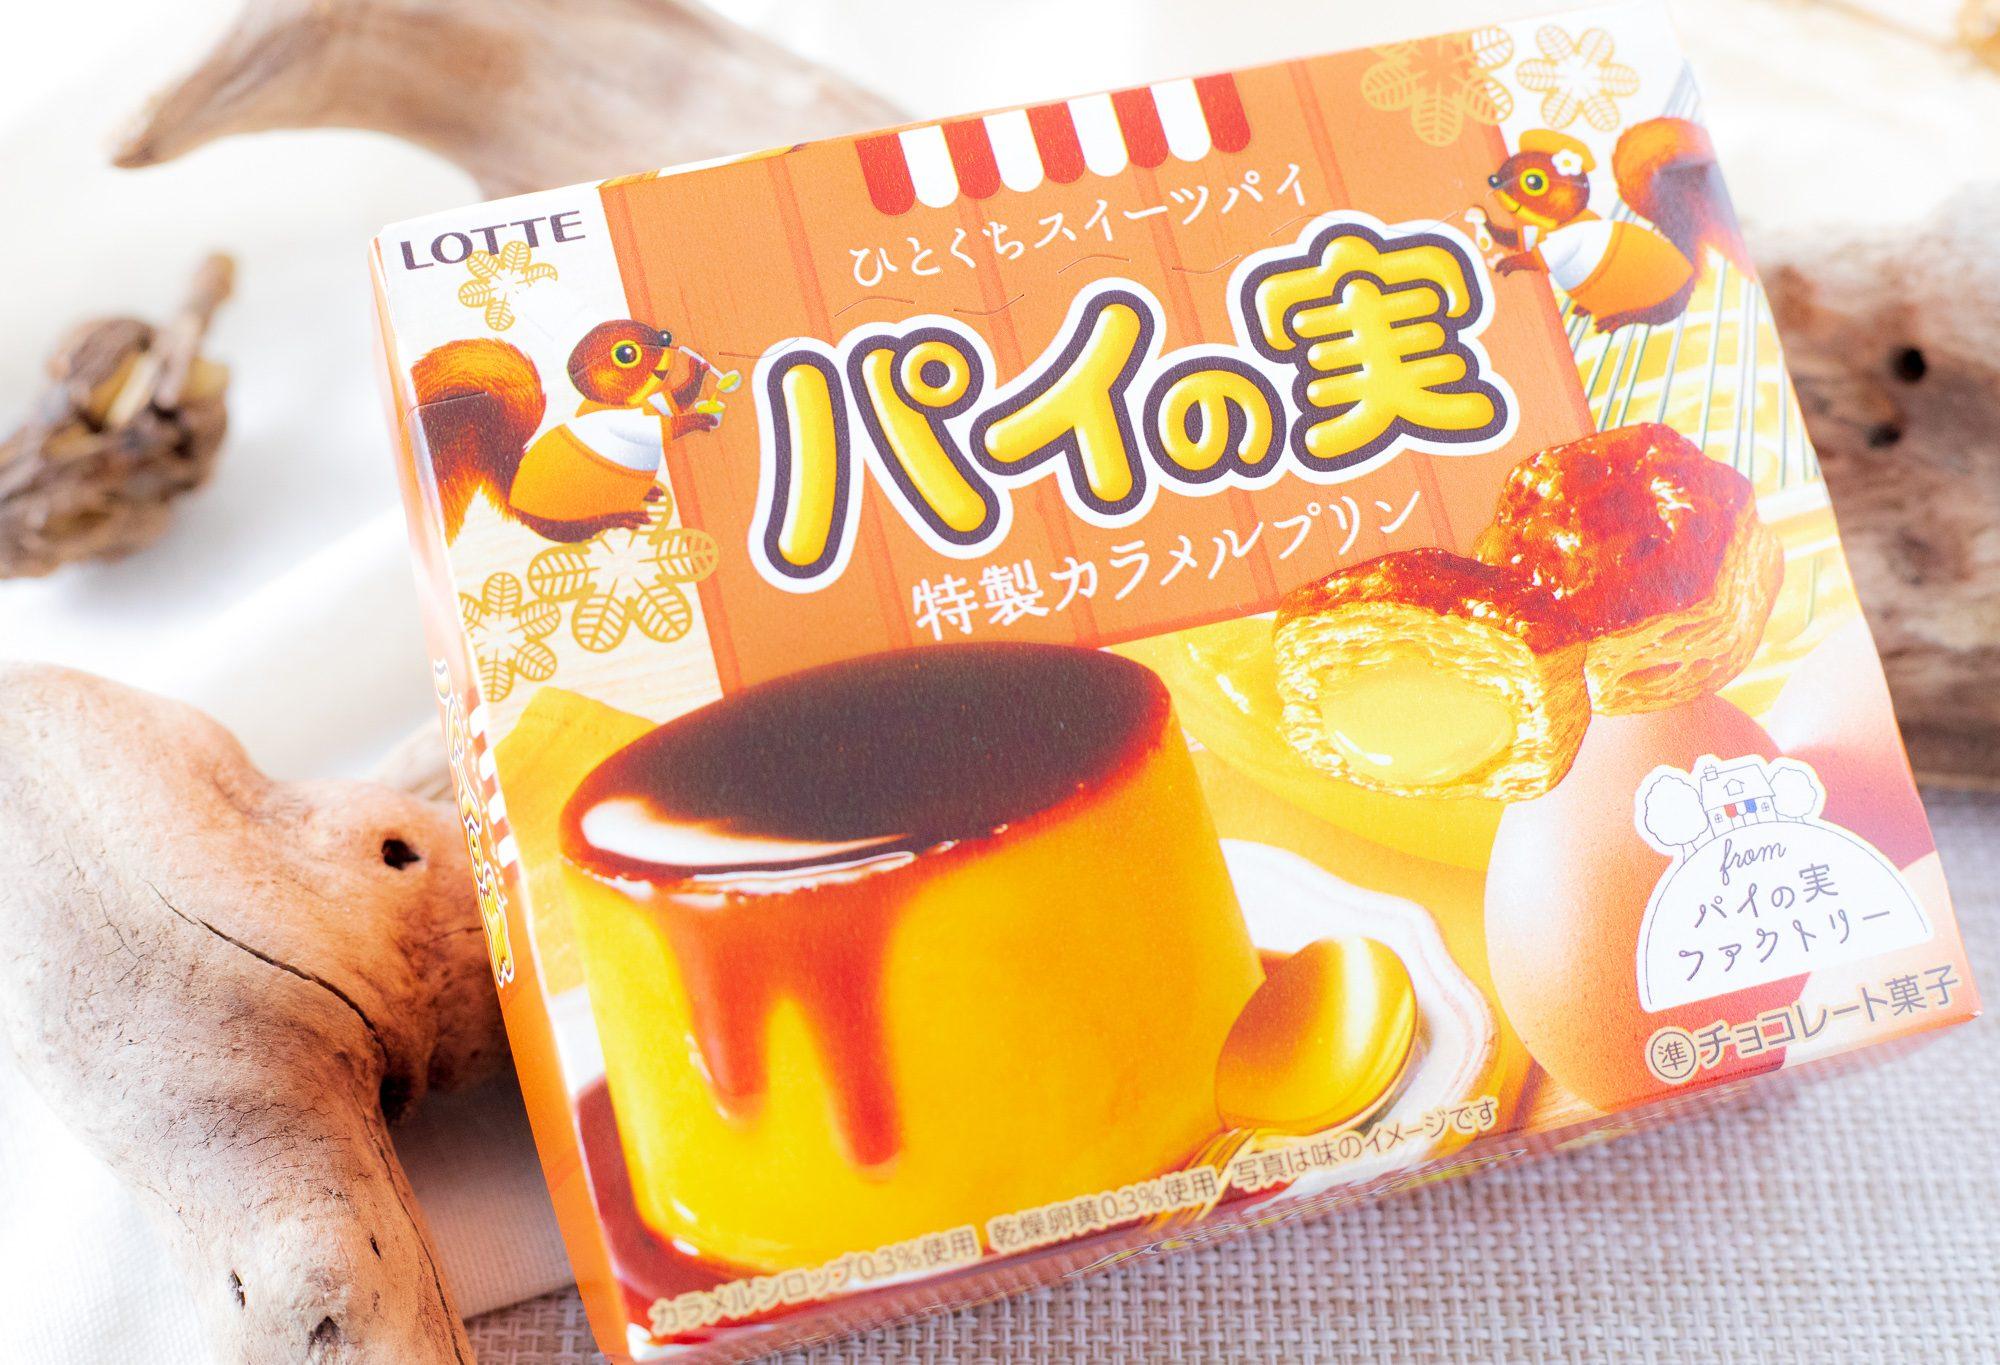 ロッテ『パイの実<特製カラメルプリン>』はカラメルのほろ苦さとプリンの卵のコクで幸せに浸れる準チョコレート菓子!